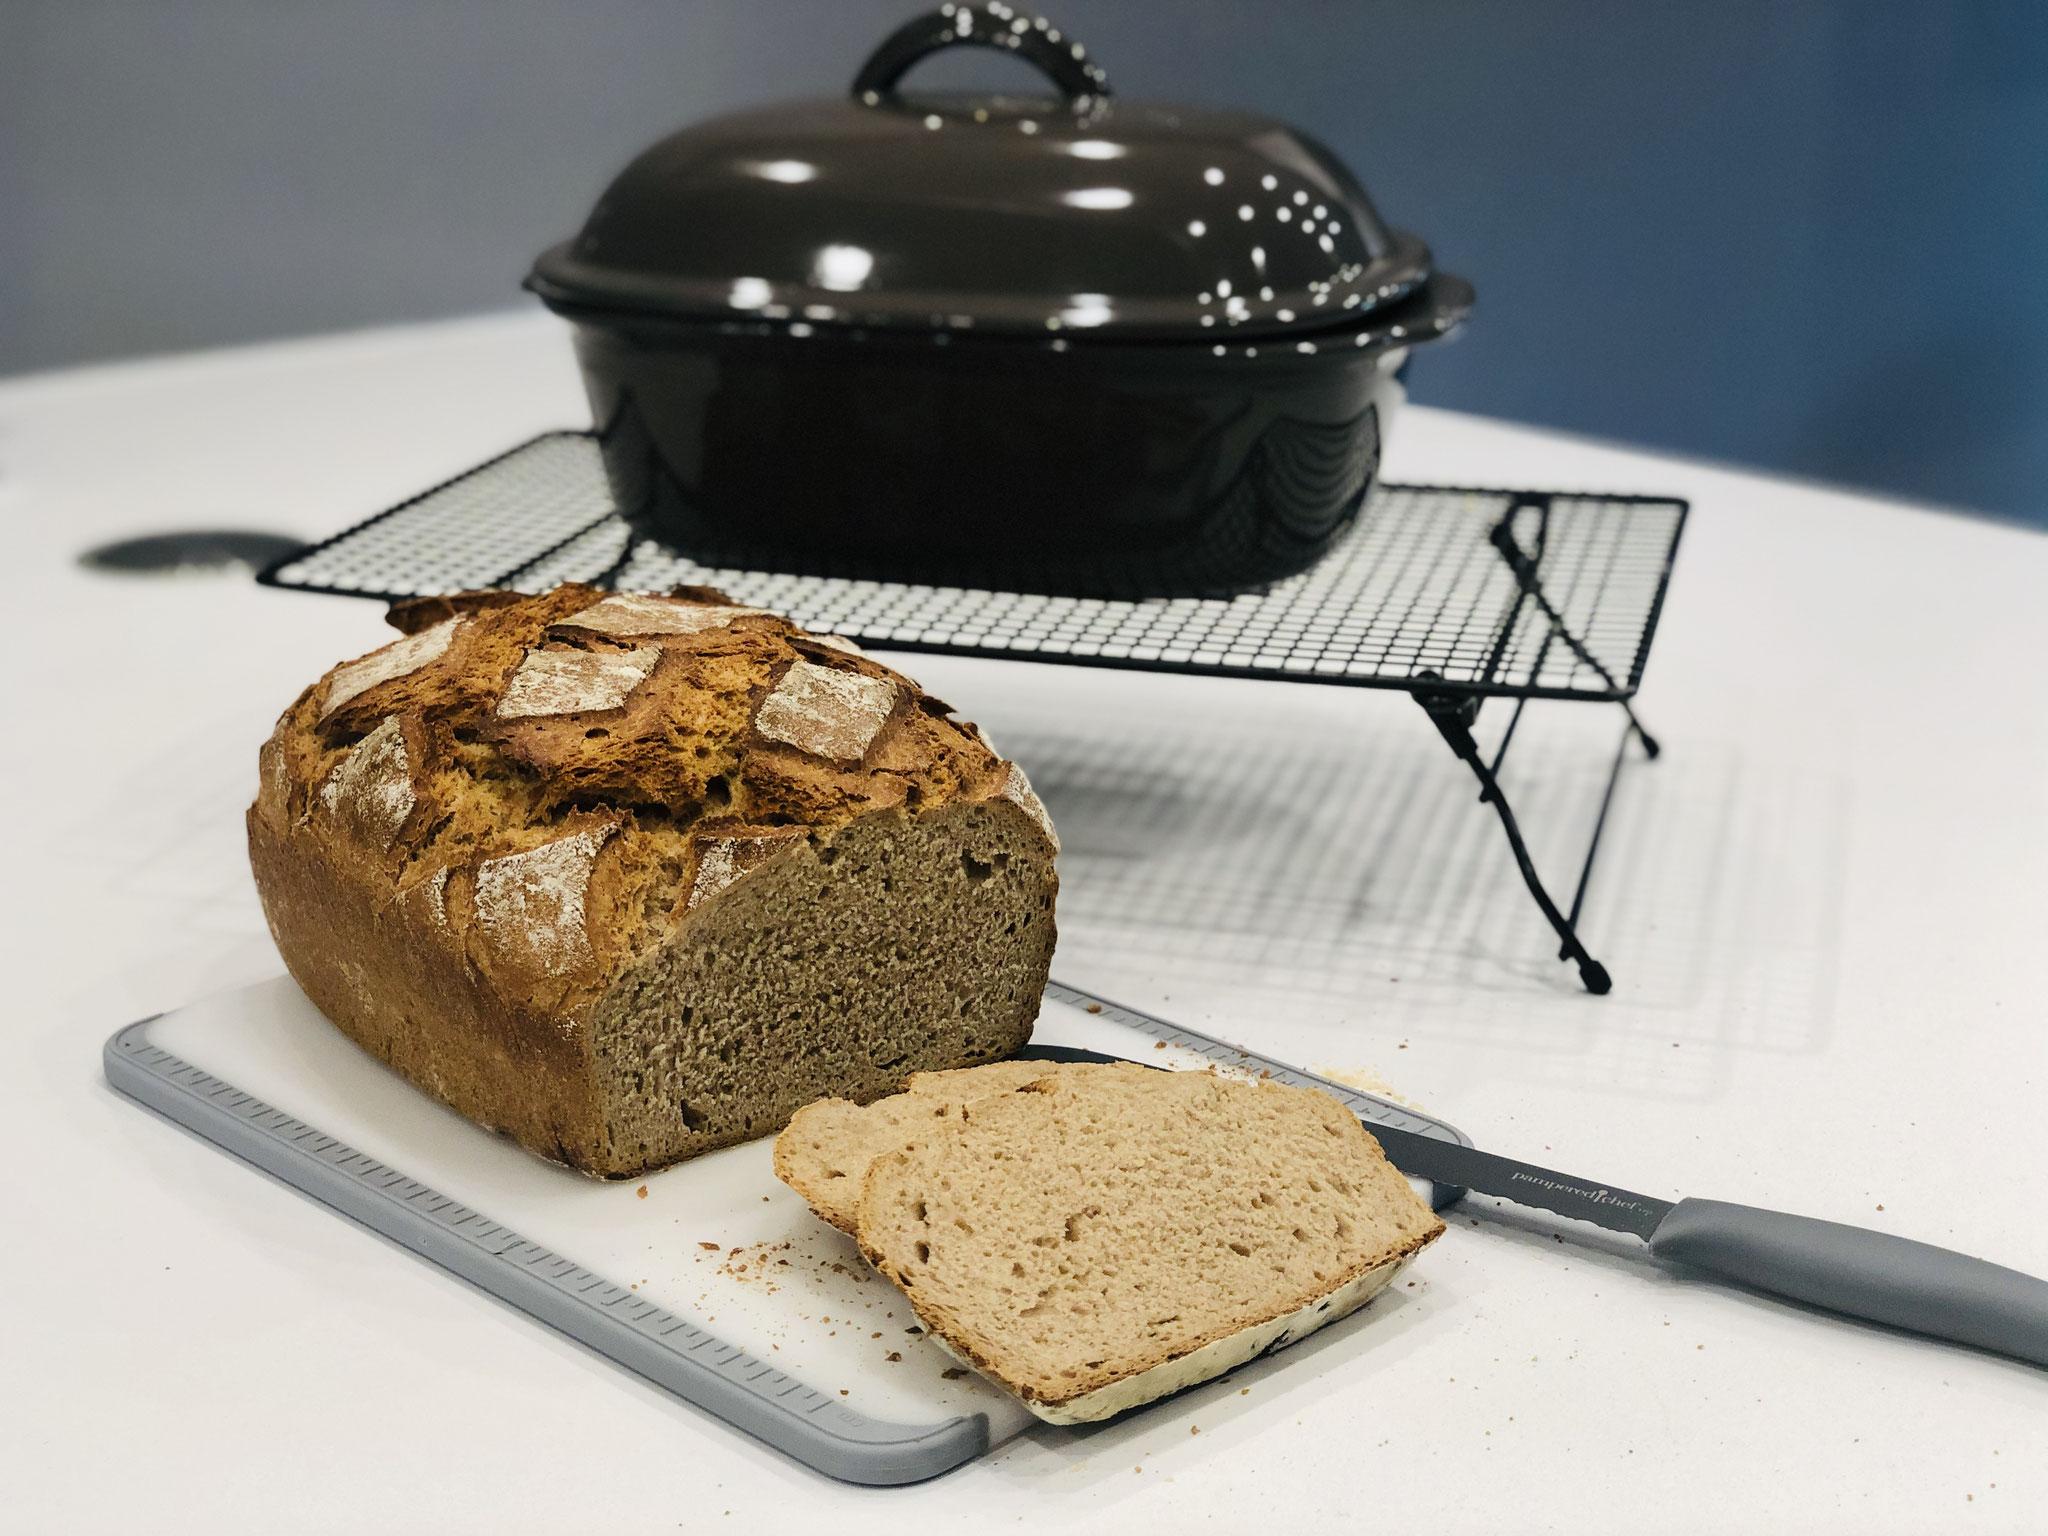 Mit dem genialem Brotmesser kannst du das Brot auch wenn es noch warm ist anschneiden...